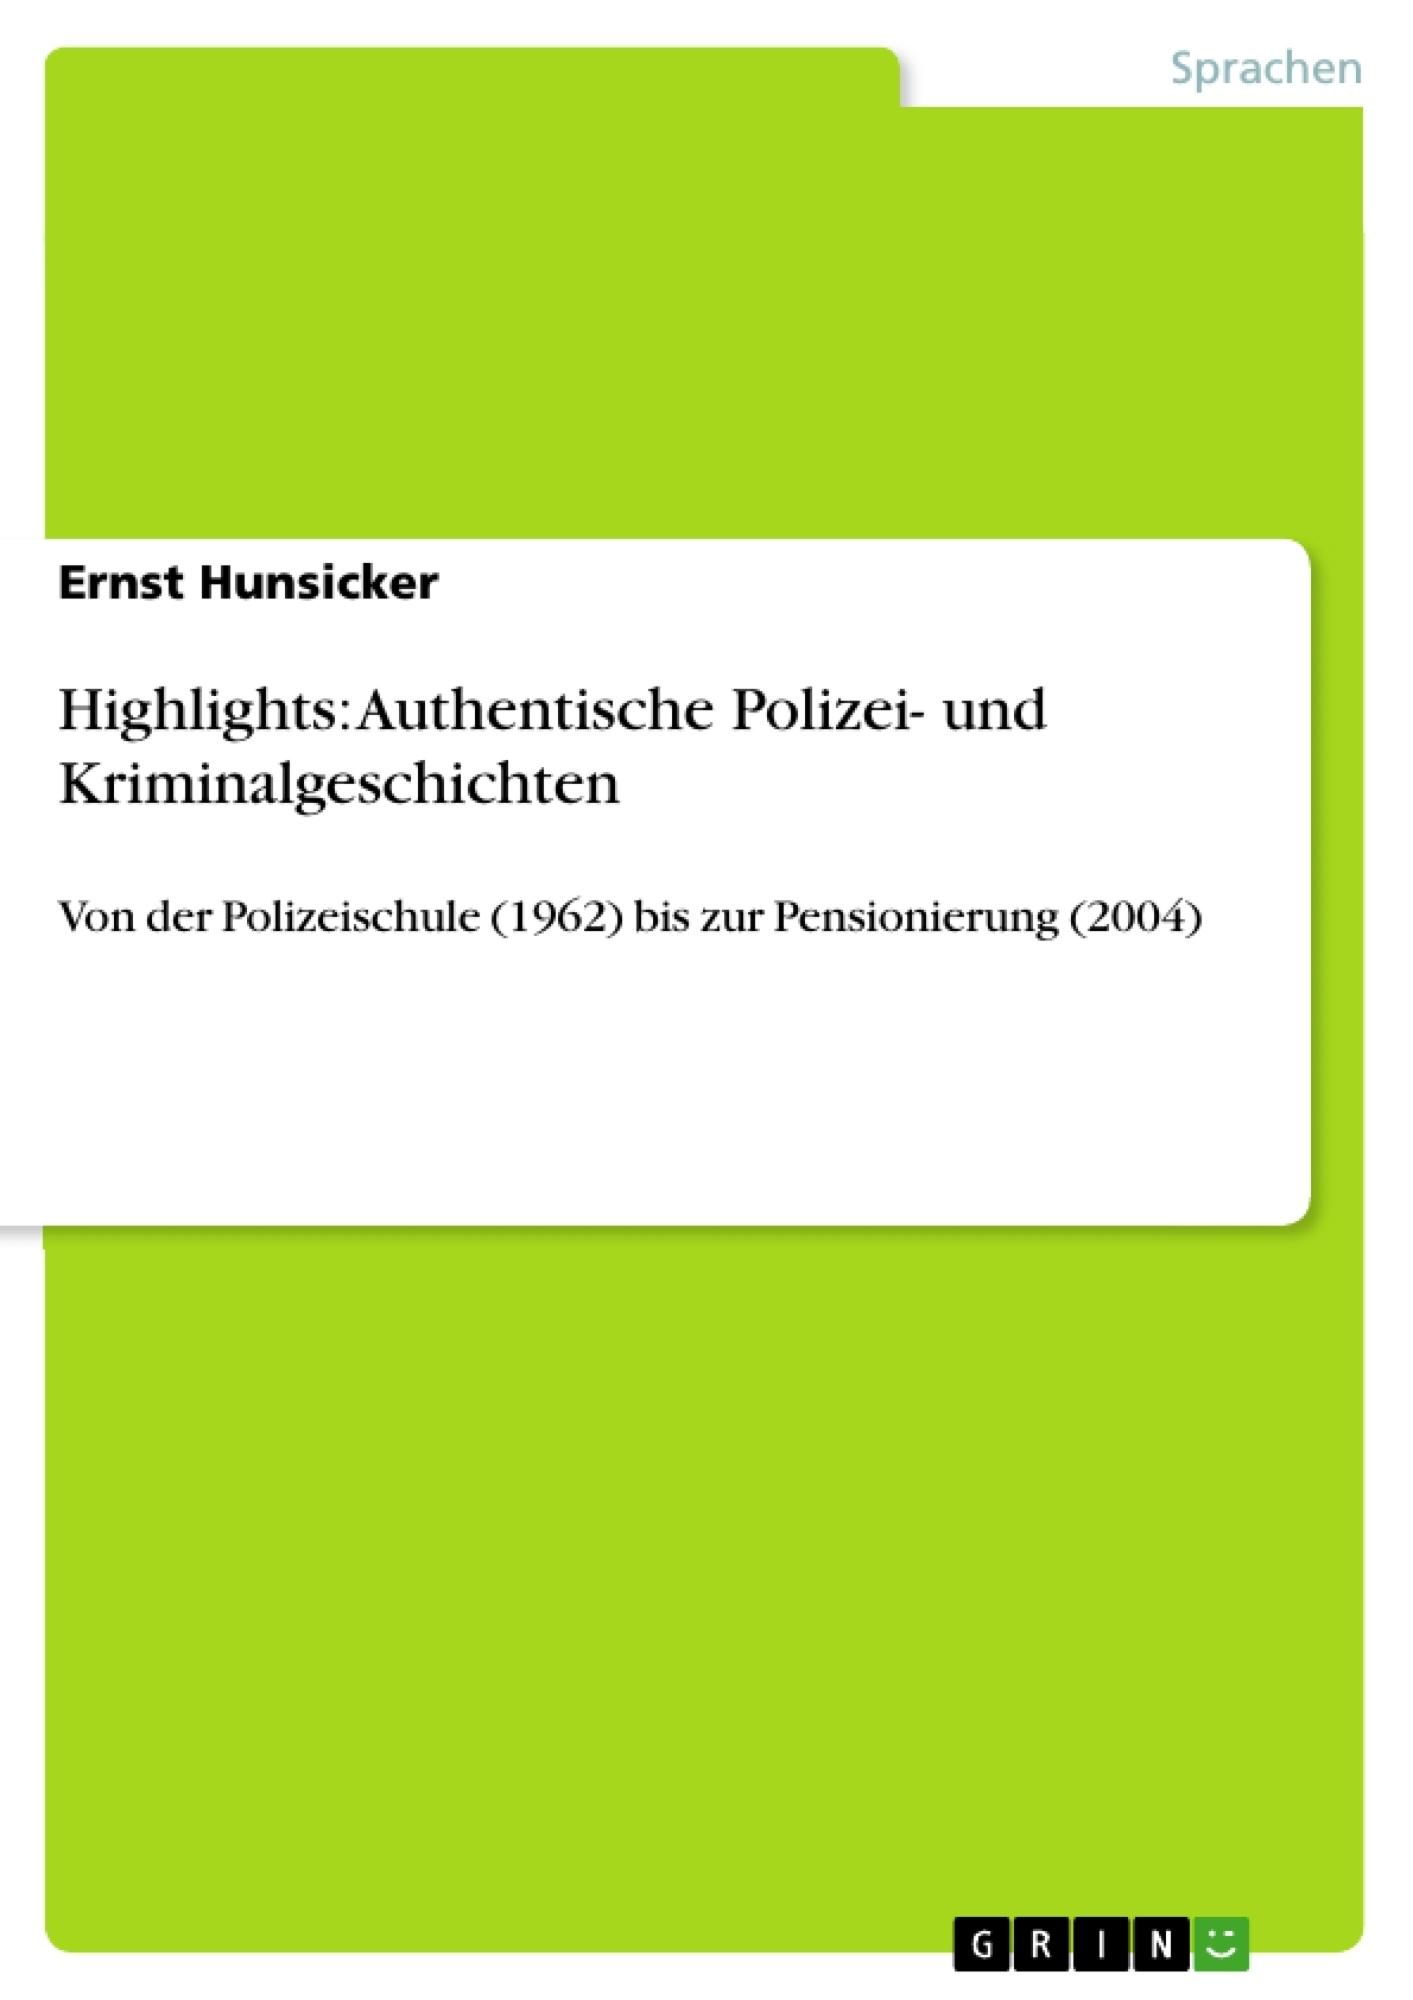 Titel: Highlights: Authentische Polizei- und Kriminalgeschichten